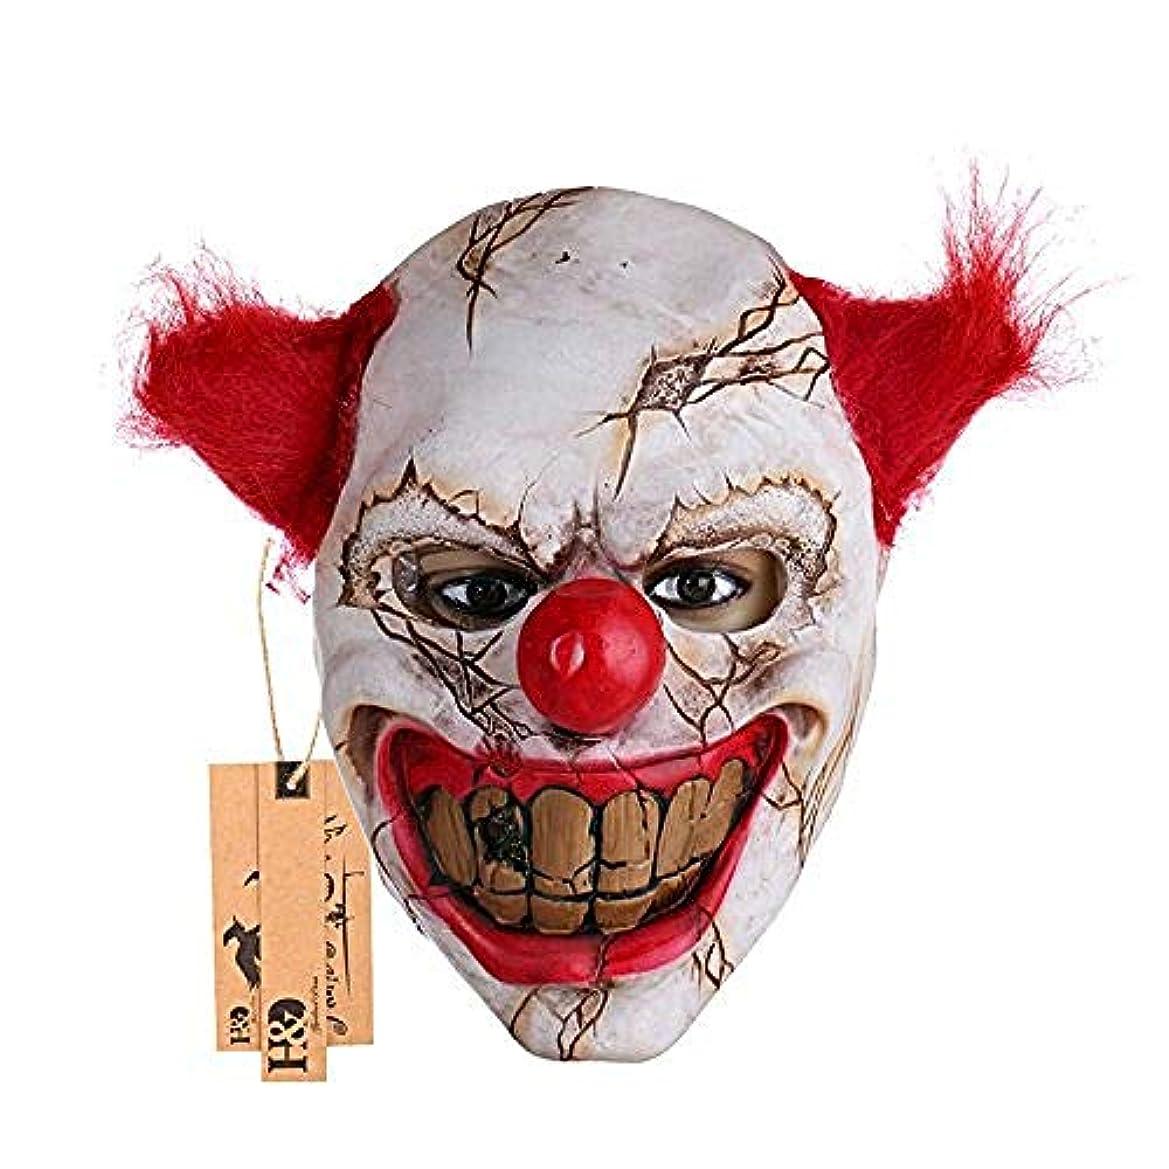 同盟歯科の計算するハロウィーンラテックスピエロマスク、コスチュームパーティー小道具マスク、透明な大きな口の赤い髪の鼻、コスプレホラーマスカレードマスクゴーストパーティー